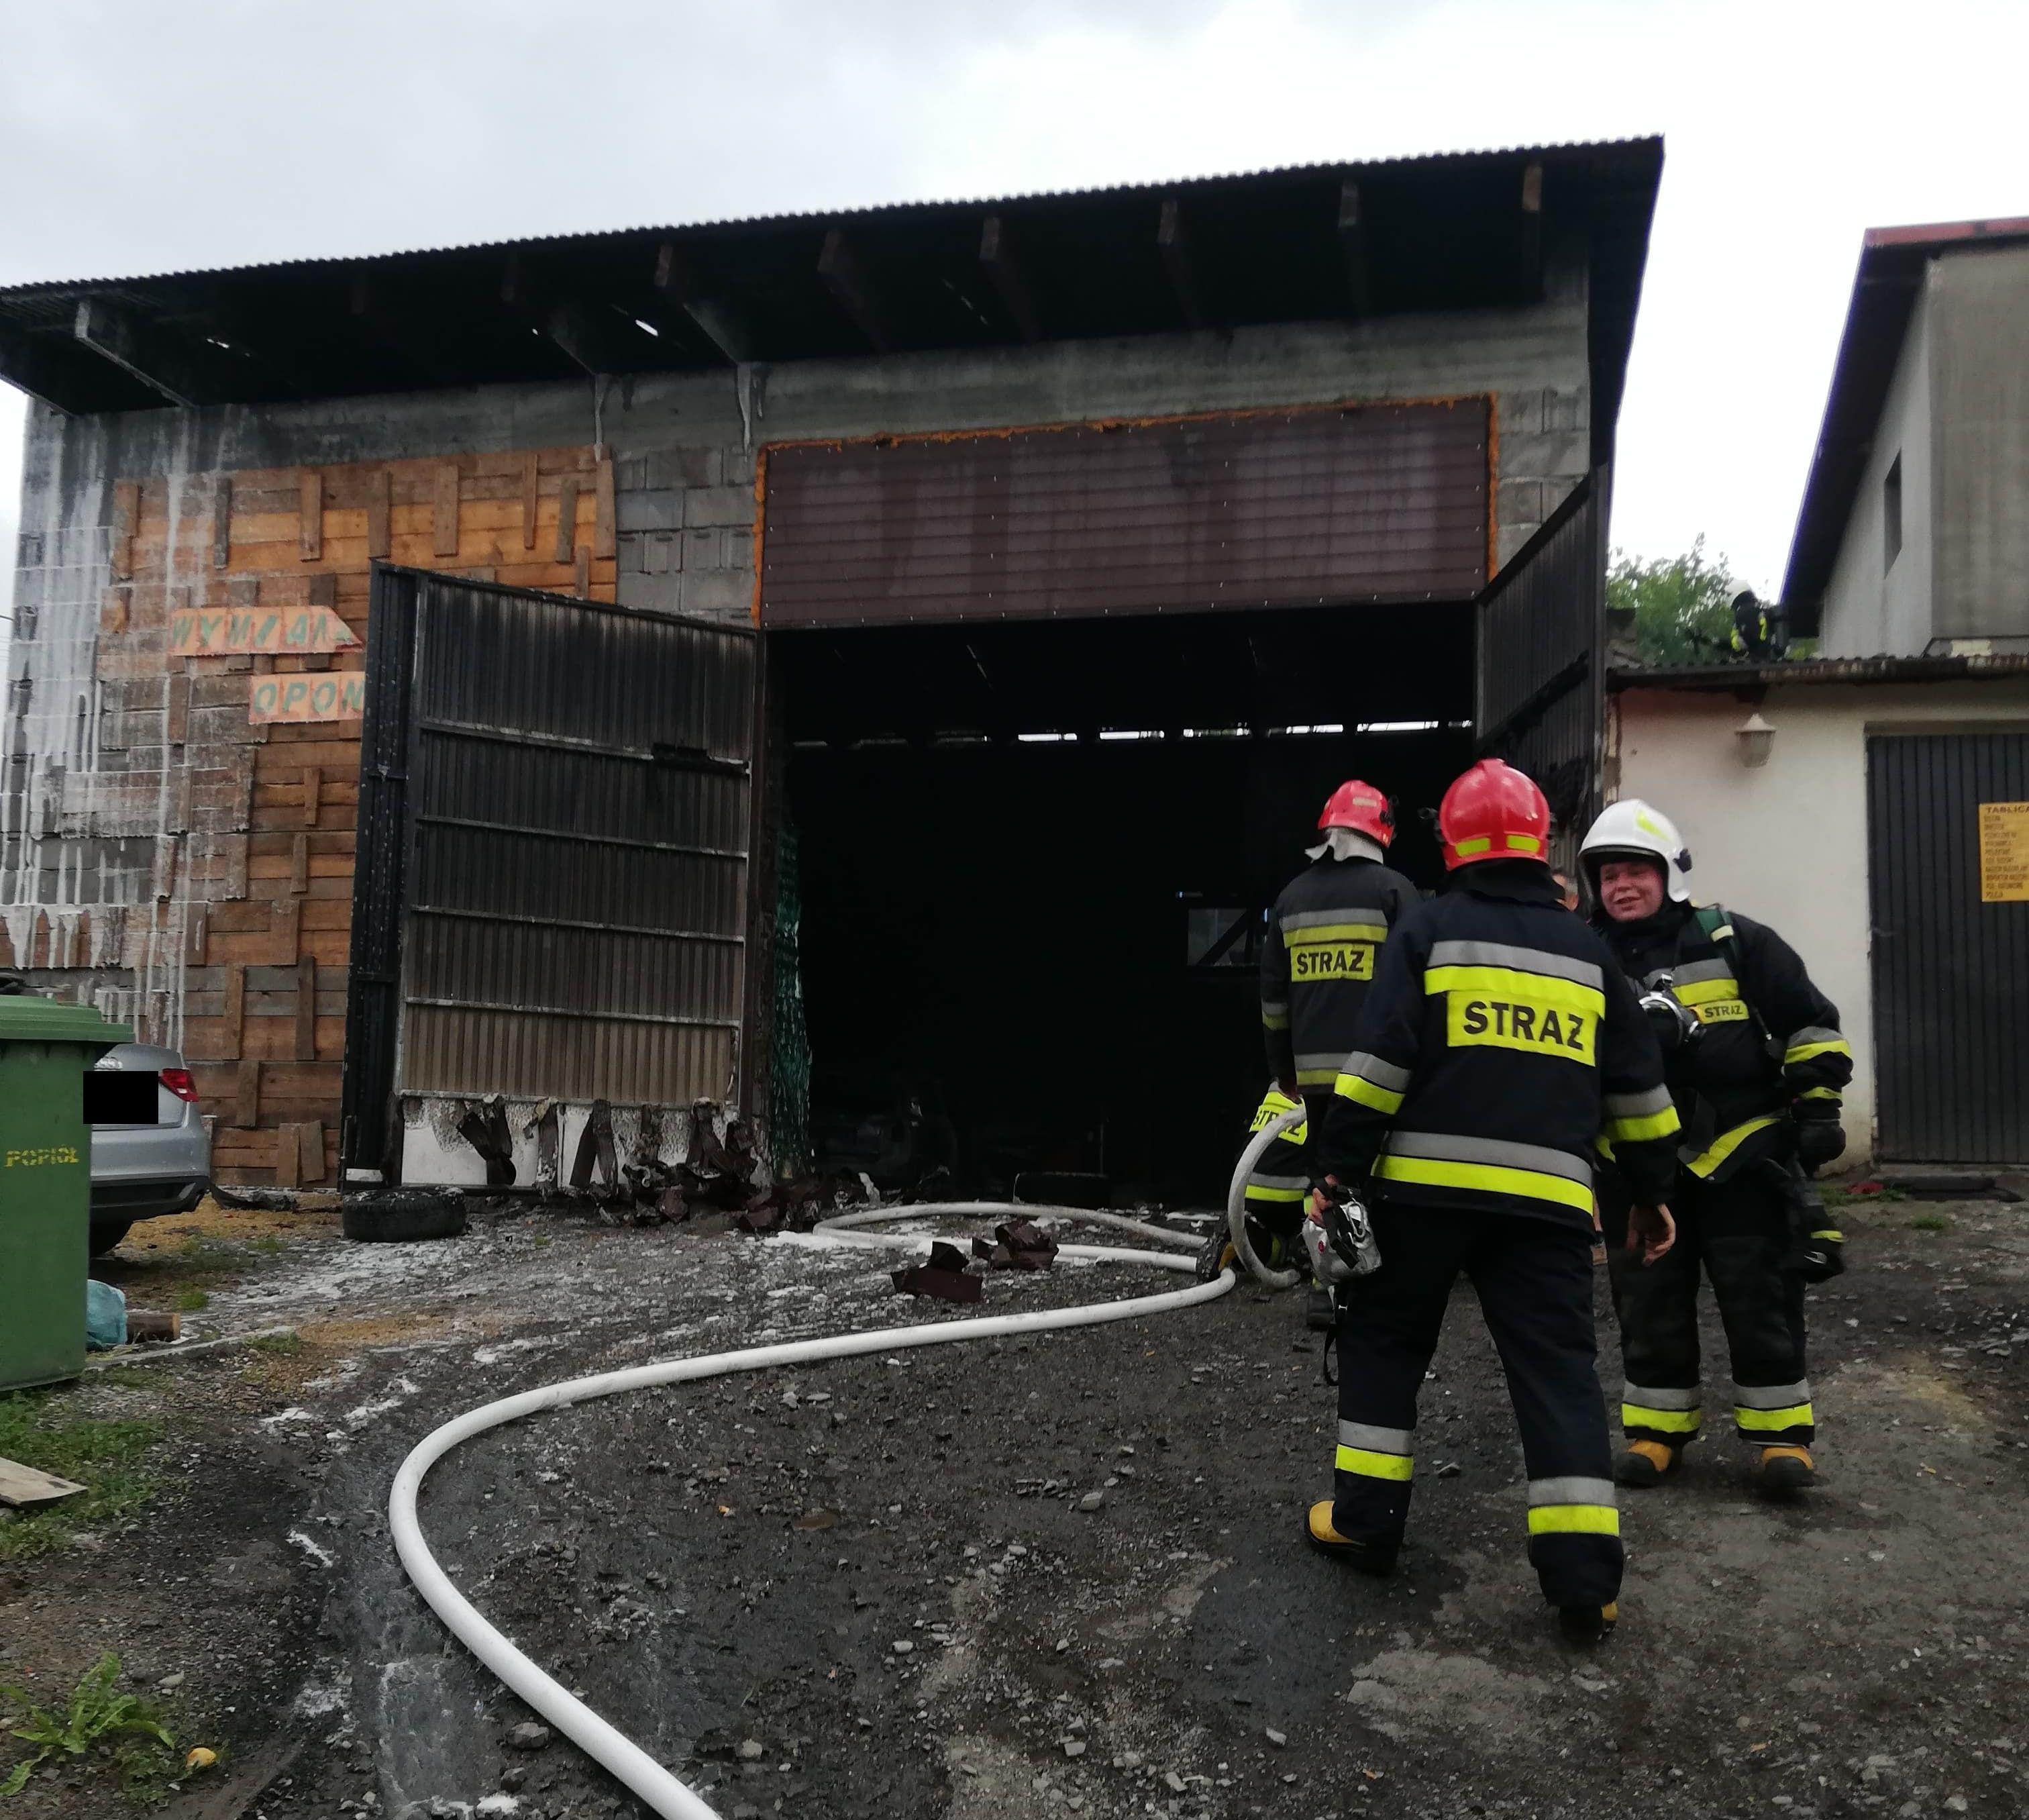 W pożarze stracił źródło utrzymania. Grupa przyjaciół zainicjowała akcję pomocy